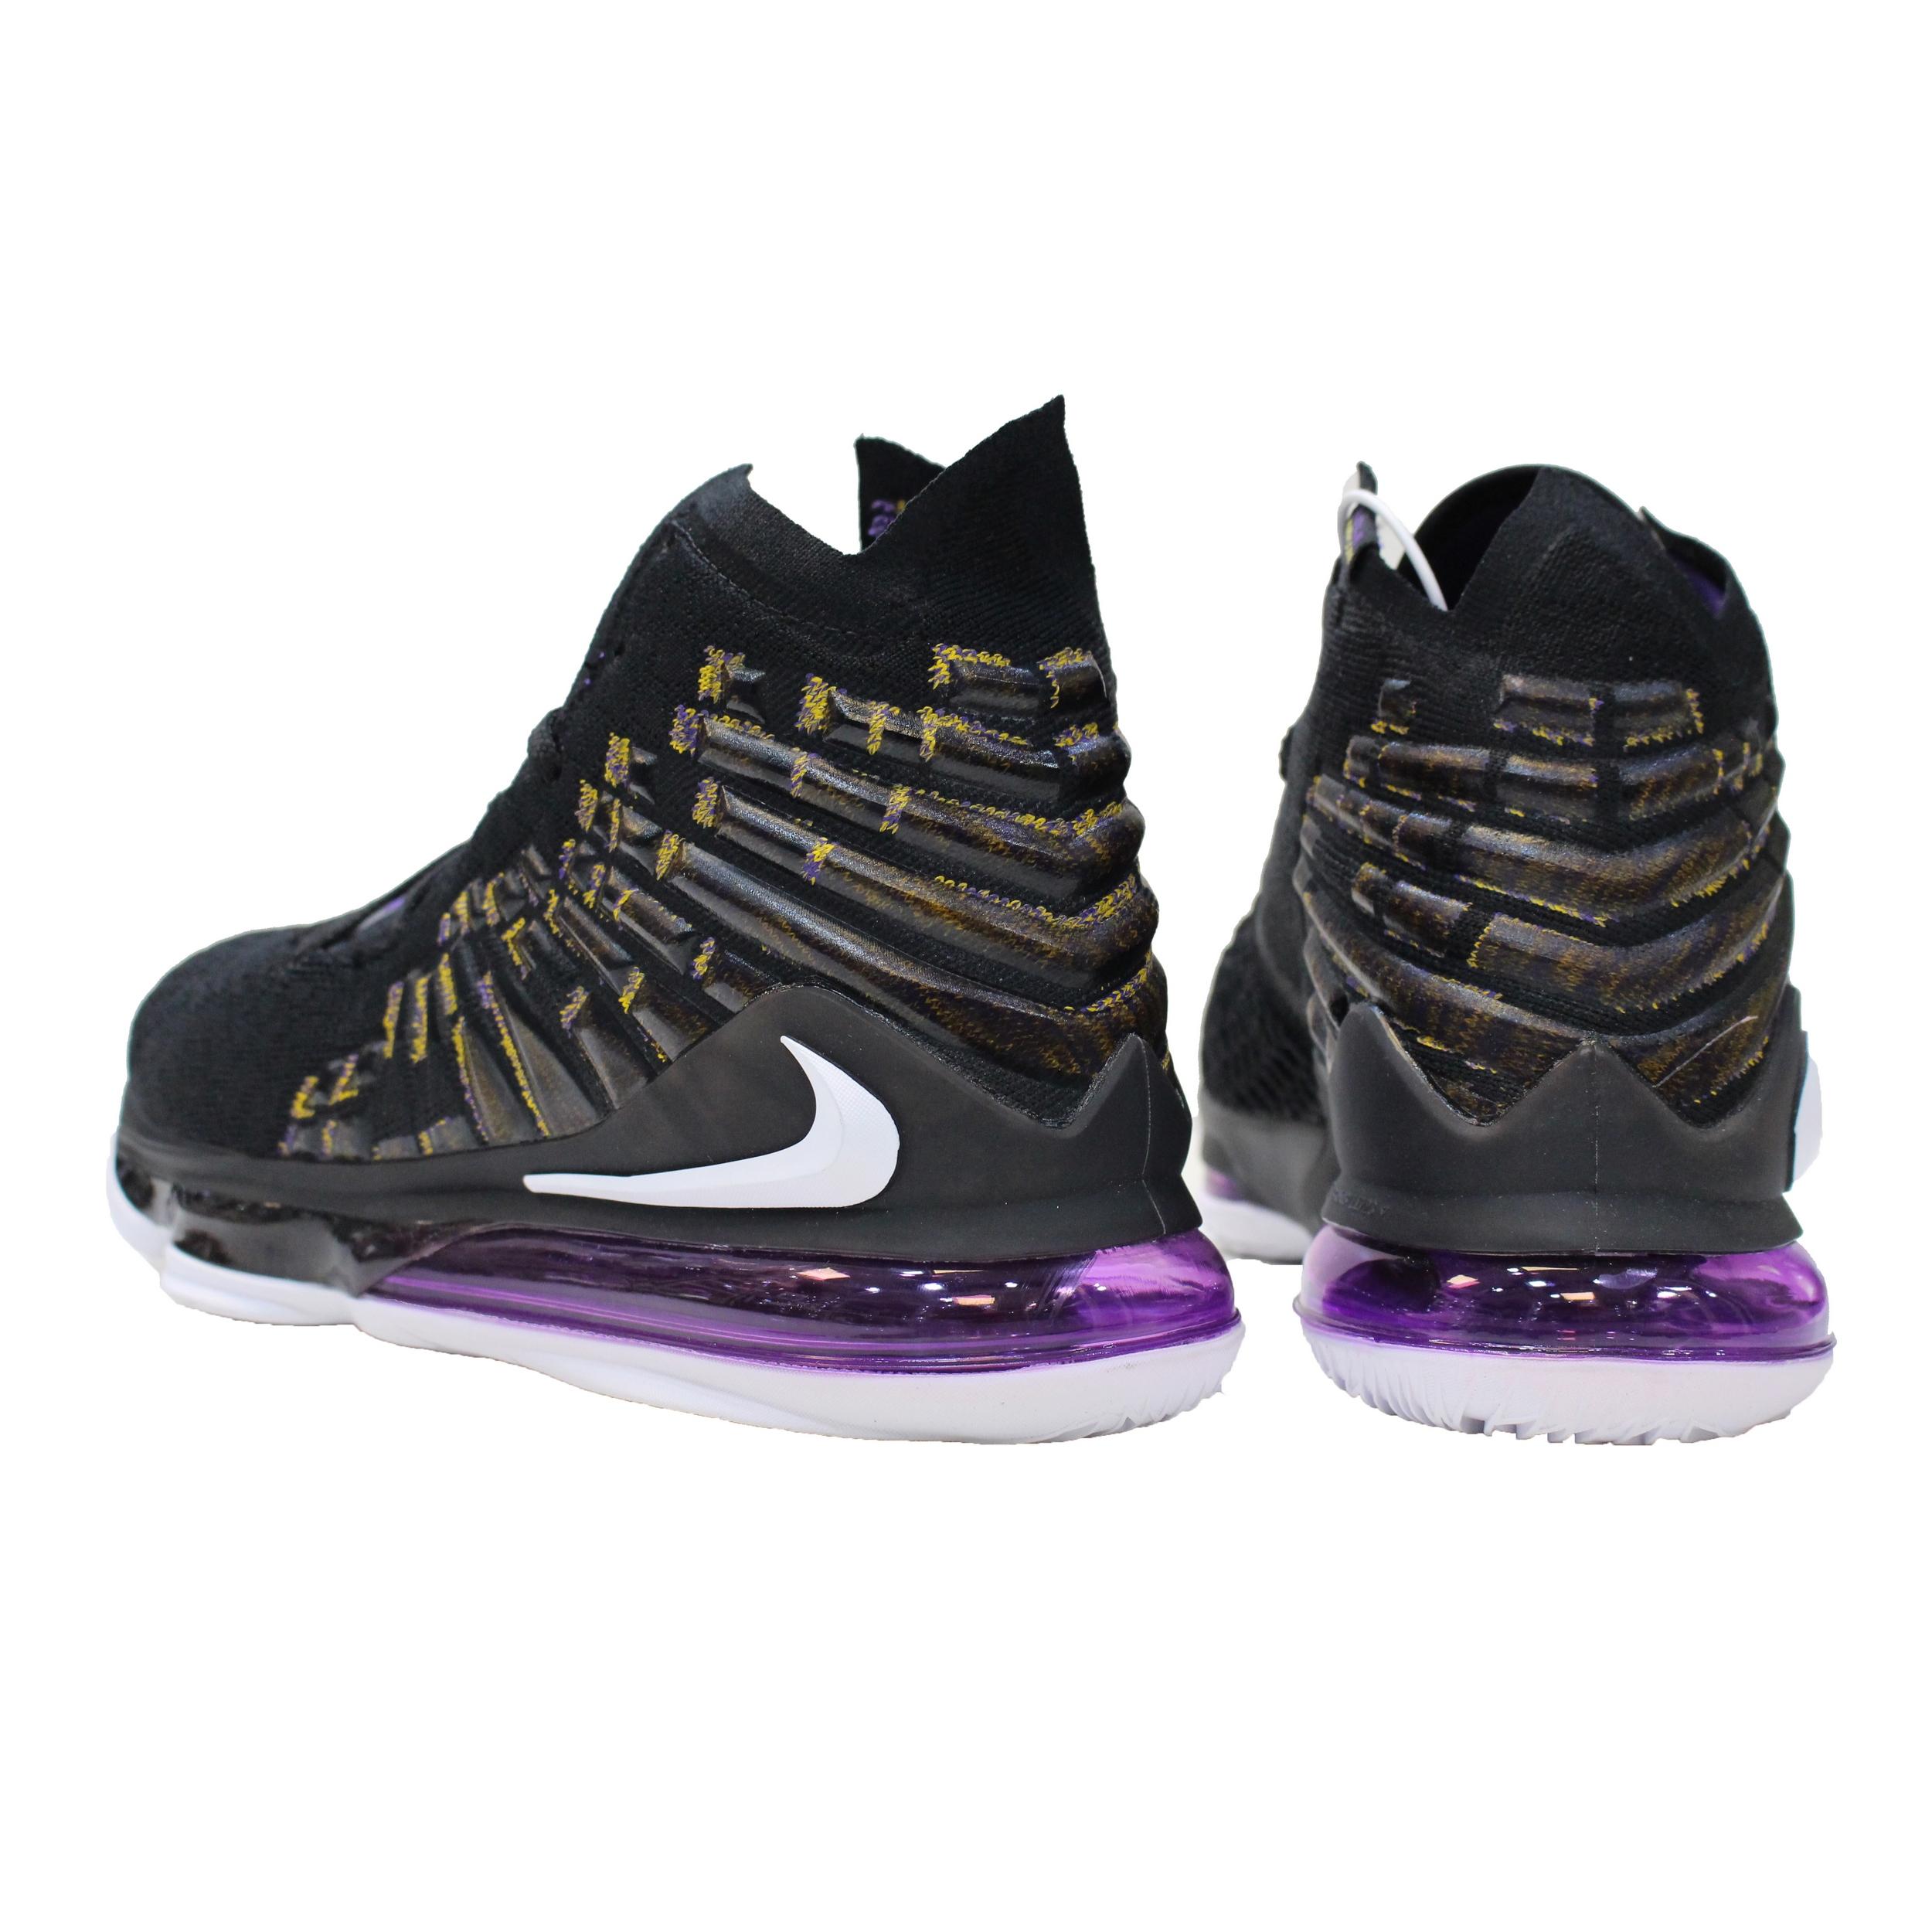 کفش بسکتبال مردانه مدل lebron xvii